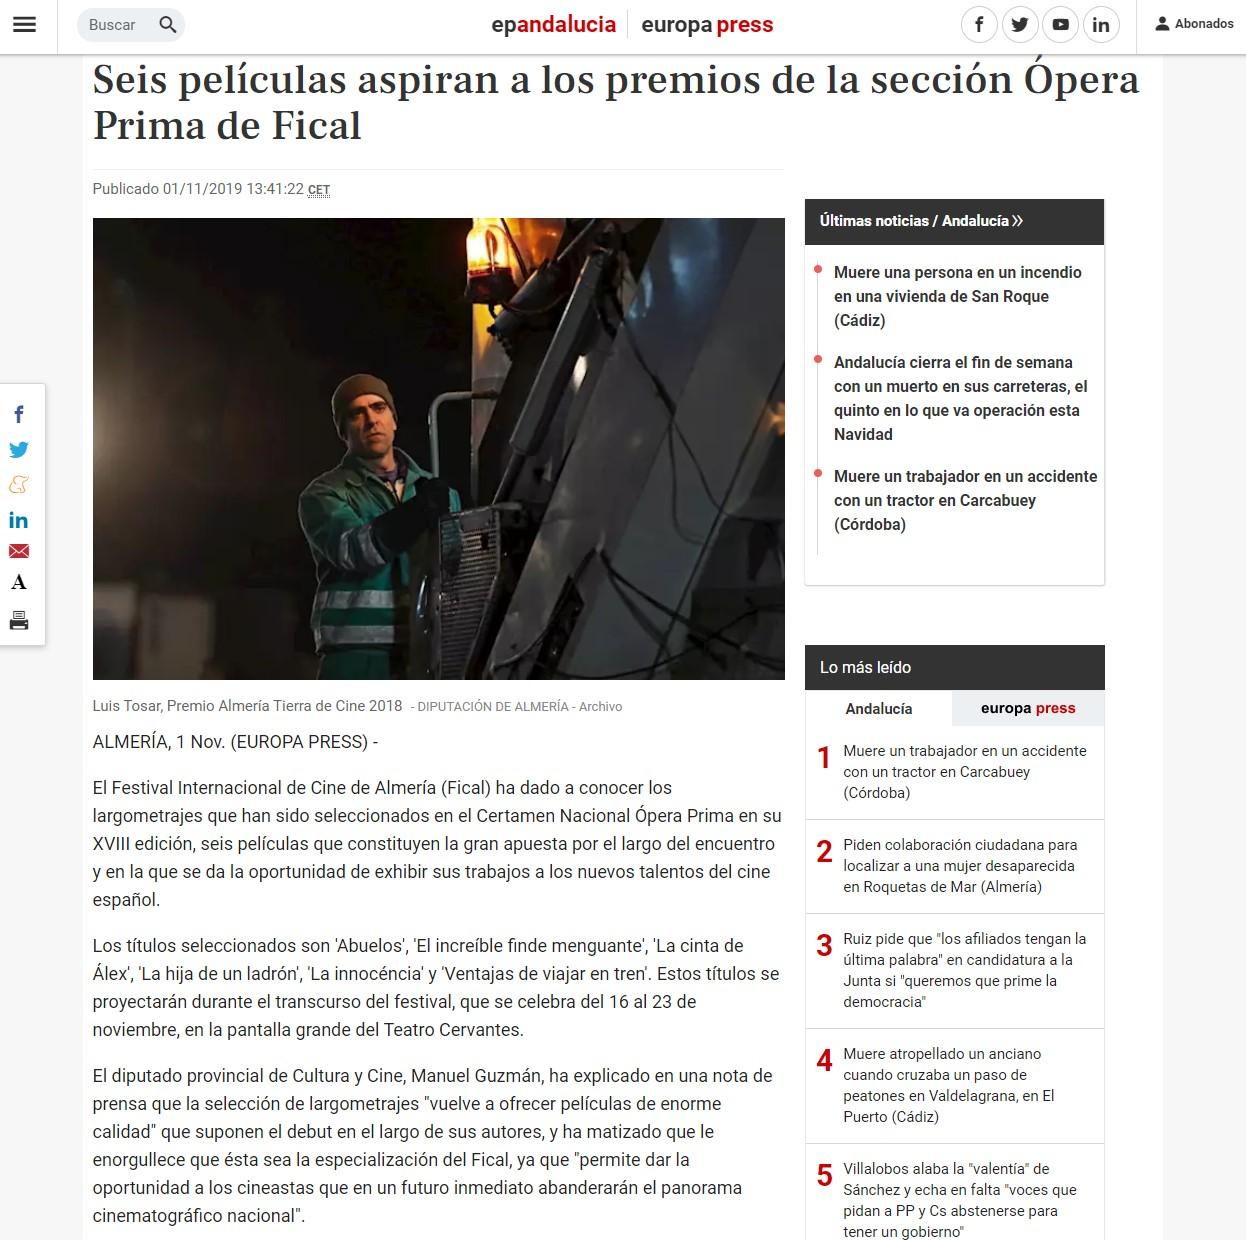 Seis películas aspiran a los premios de la sección Ópera Prima de Fical